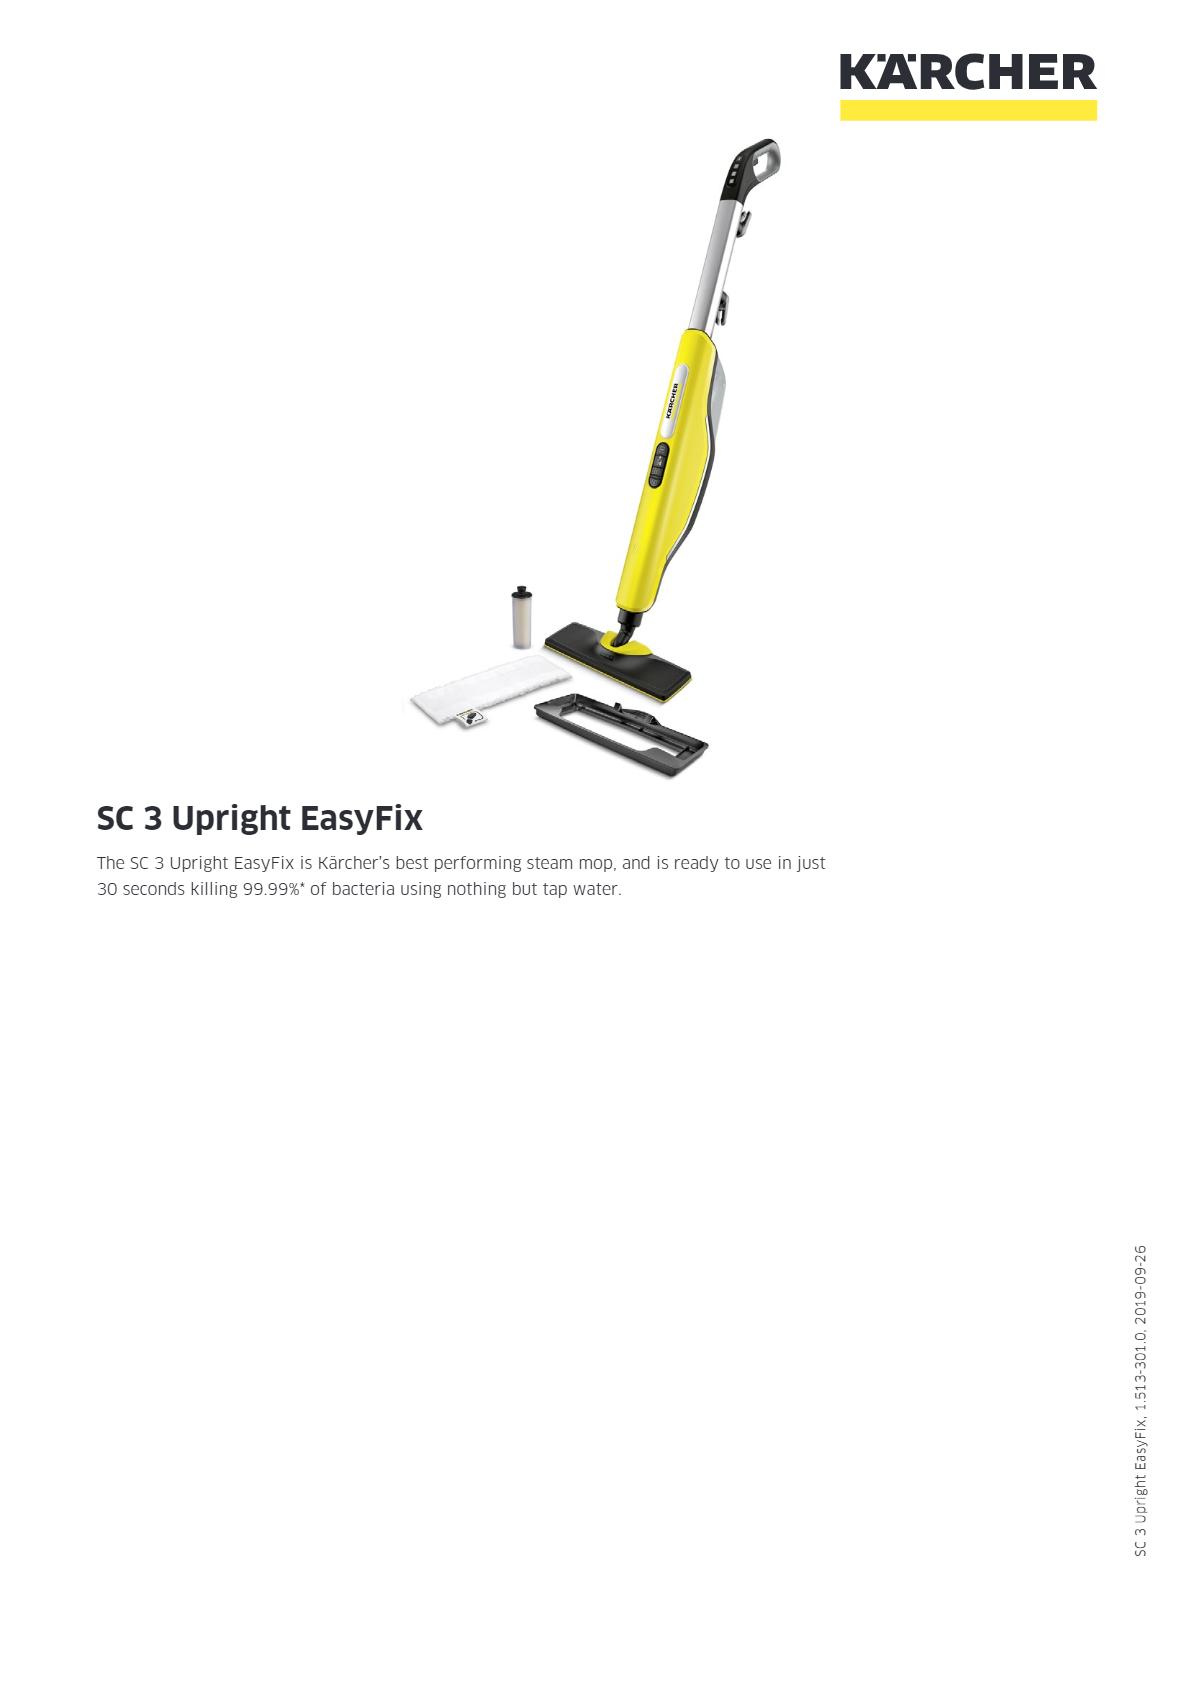 蒸汽吸尘器 SC 3 Upright EasyFix 说明书说明书下载